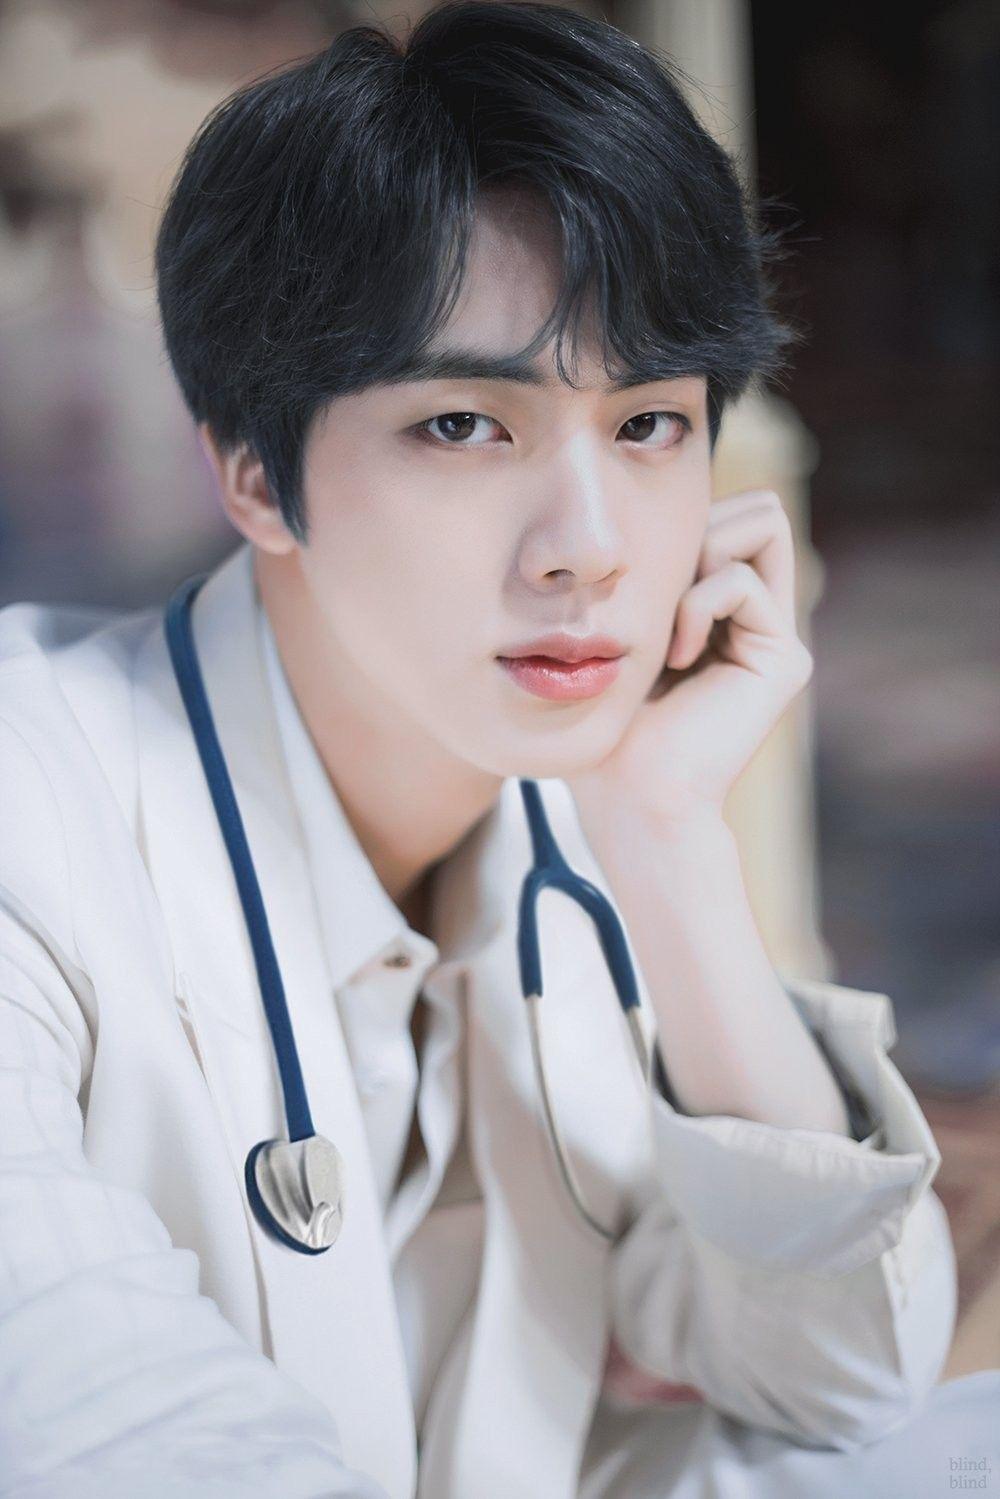 Omggggg Doctor Kim Blind Bts Seokjin Seokjin Bts Kim Seokjin